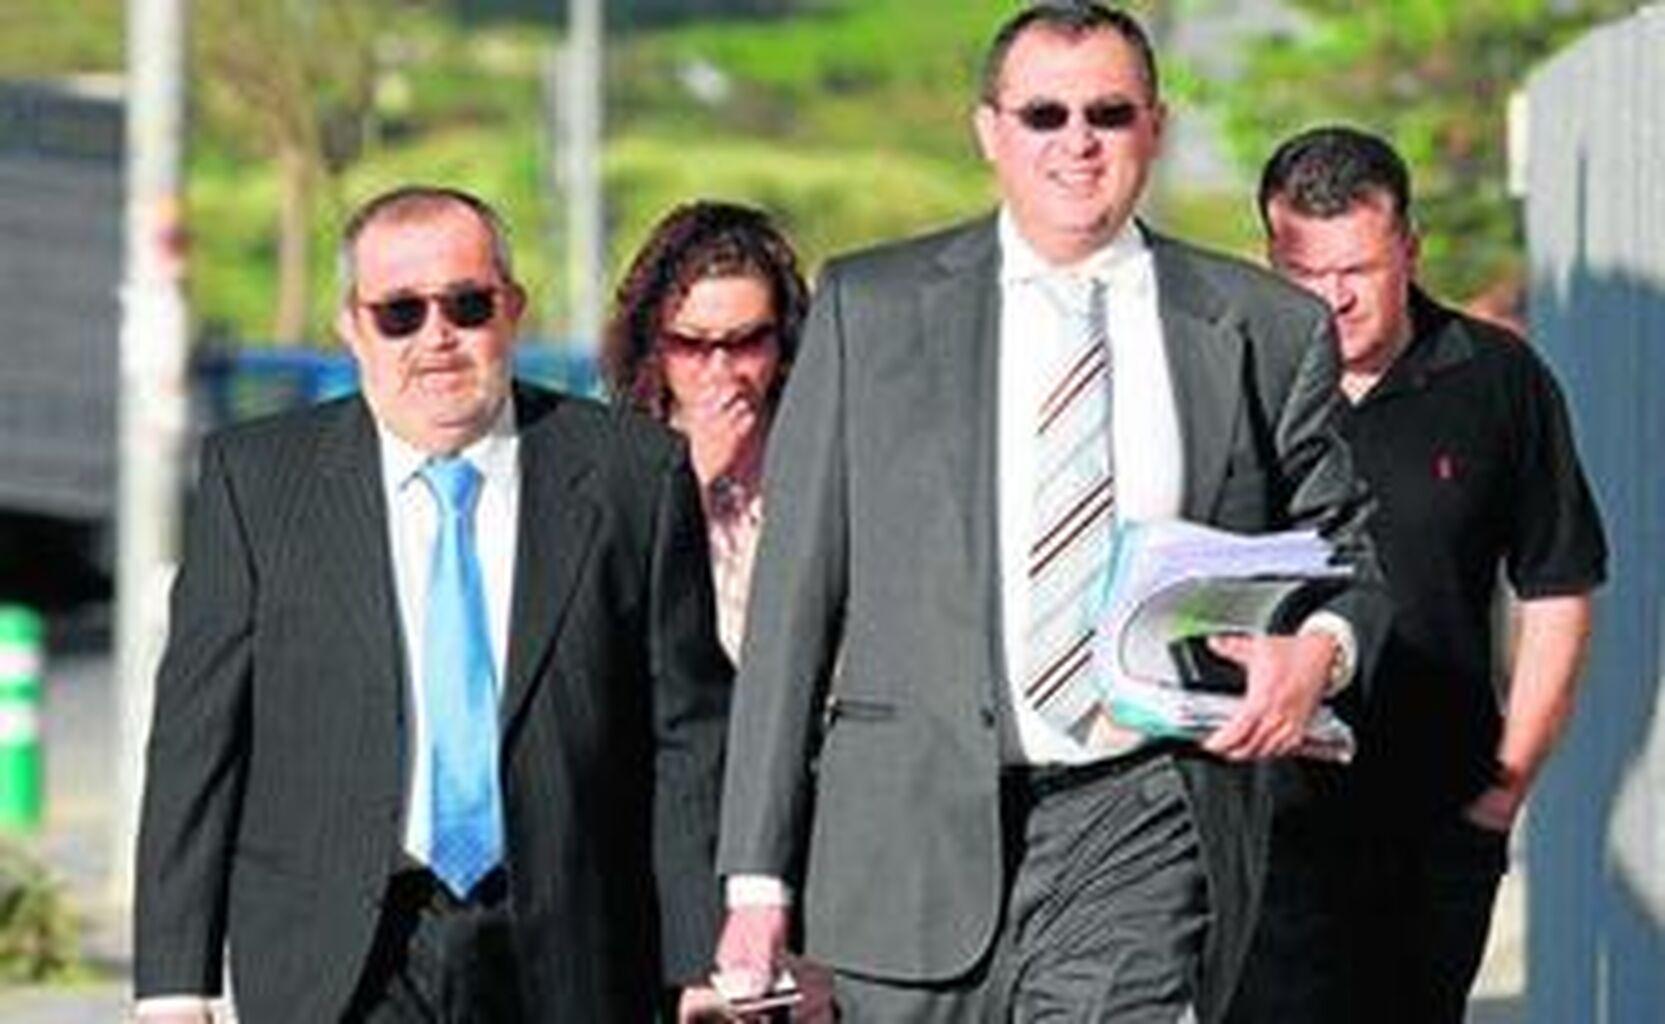 El juicio al ex alcalde de Manilva se reanuda dos años después